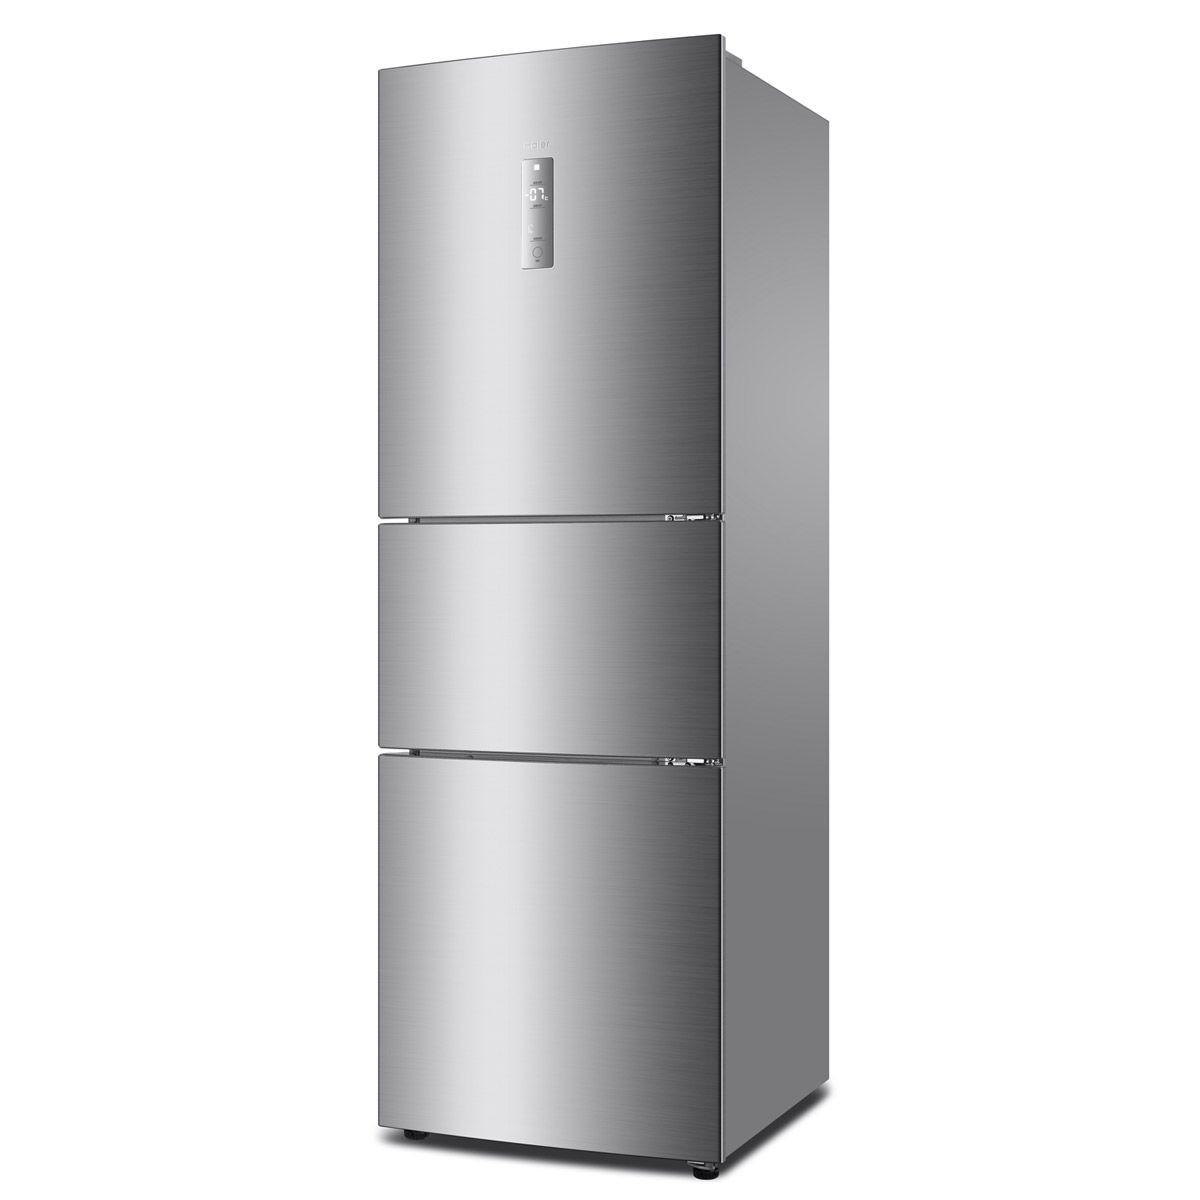 海尔冰箱价格—海尔冰箱的产品价格介绍